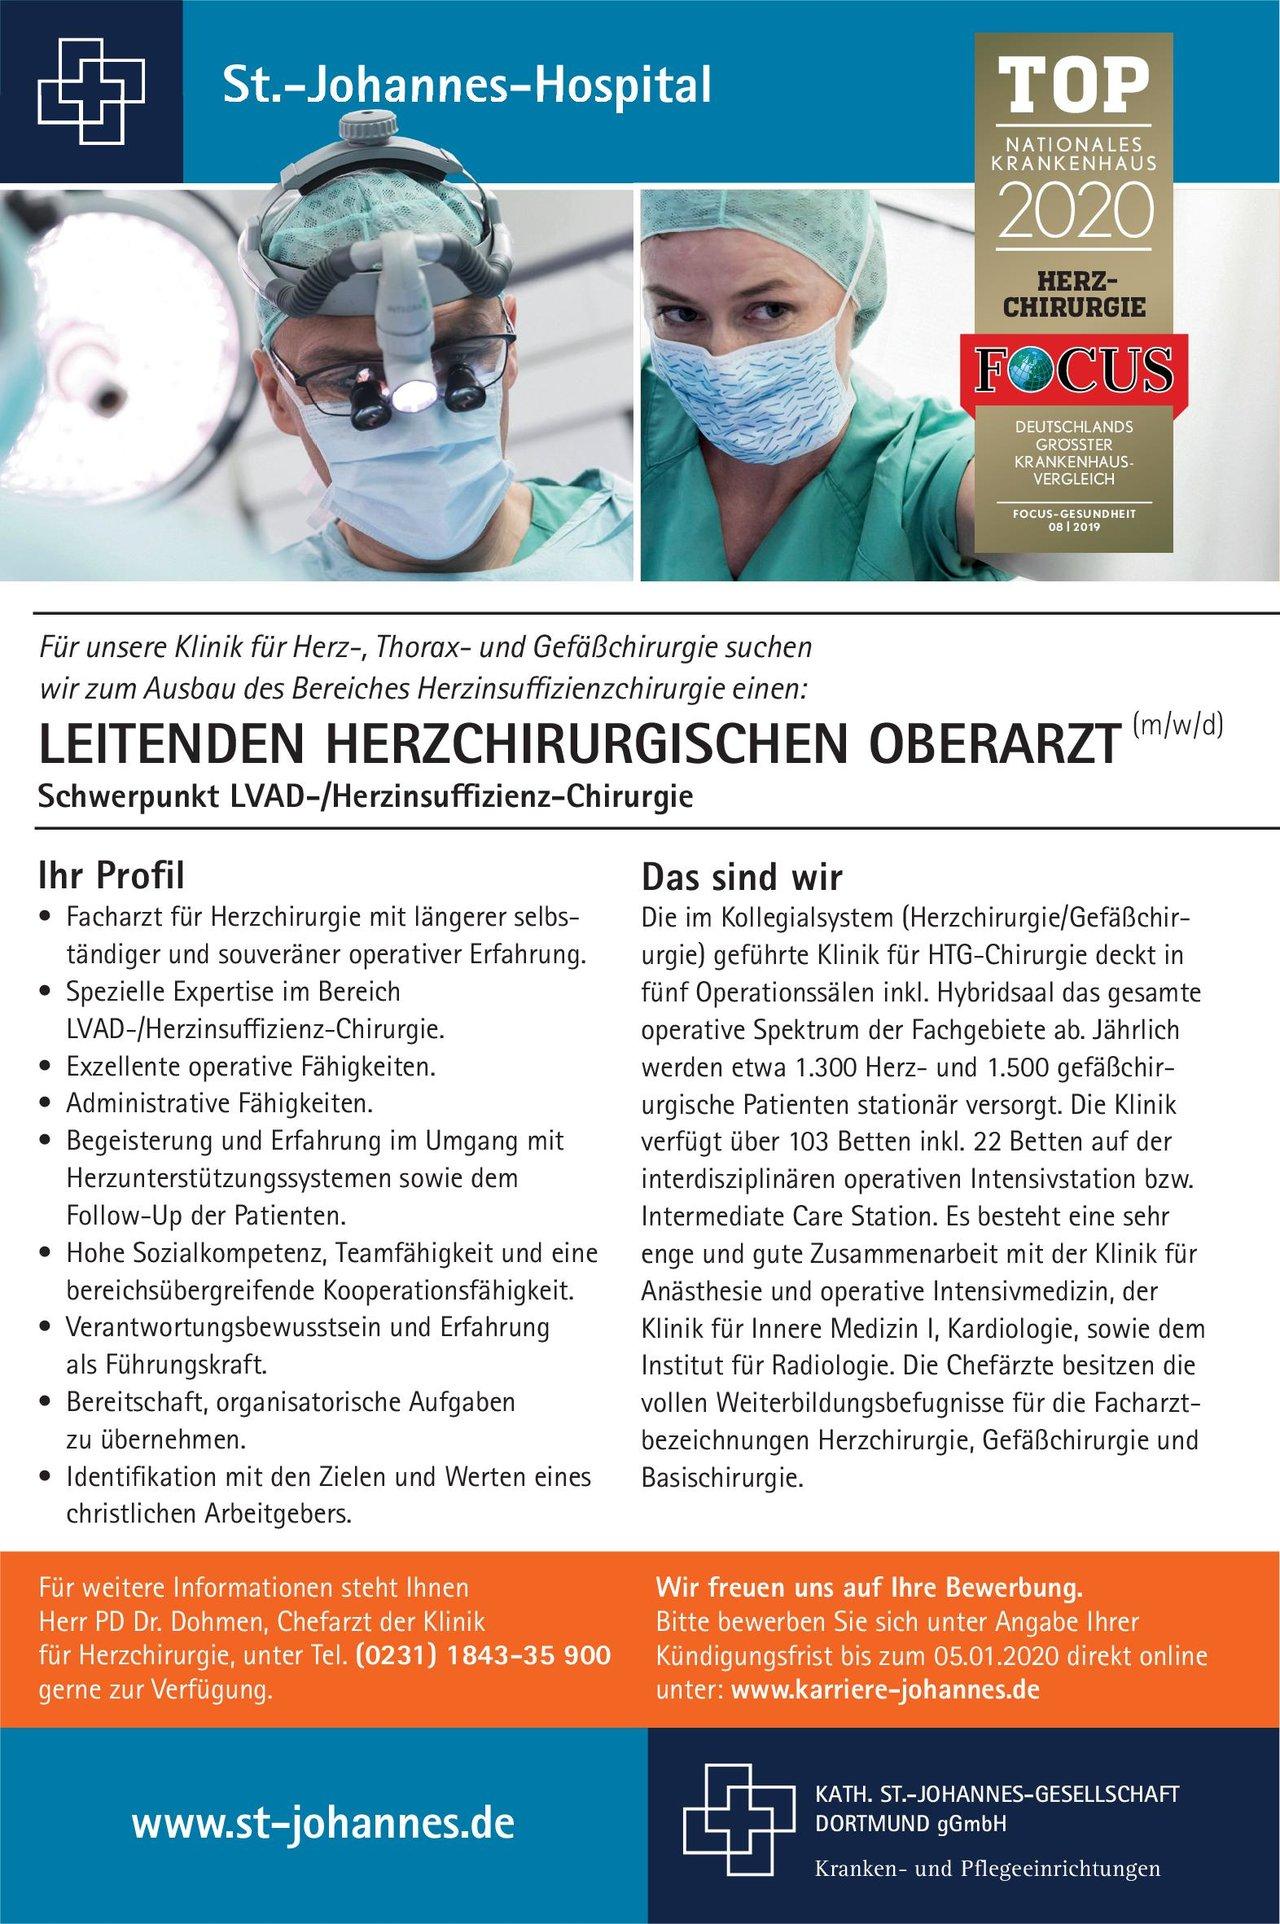 St.-Johannes-Hospital Leitender Herzchirurgischer Oberarzt (m/w/d)  Herzchirurgie, Chirurgie Oberarzt